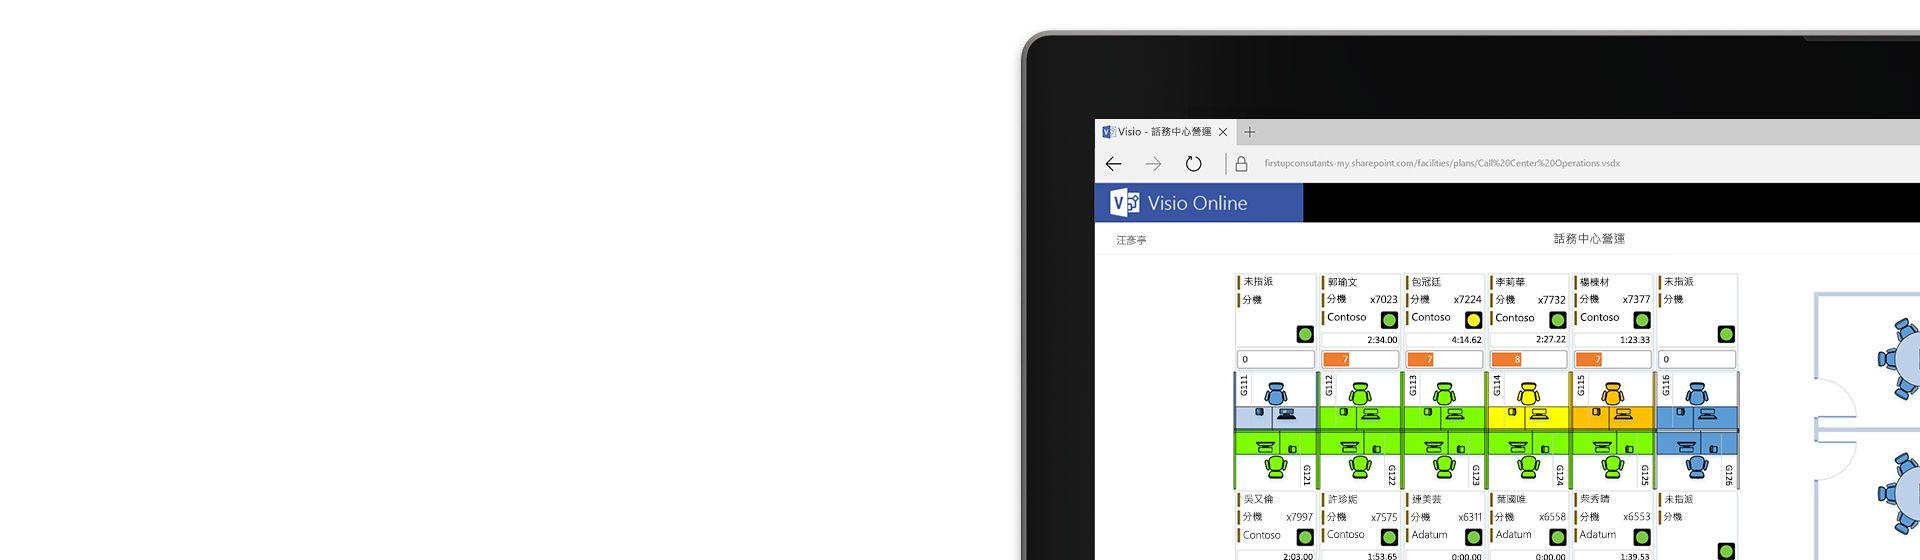 顯示 Visio 中的話務中心樓面規劃圖表影像的平板電腦螢幕一角